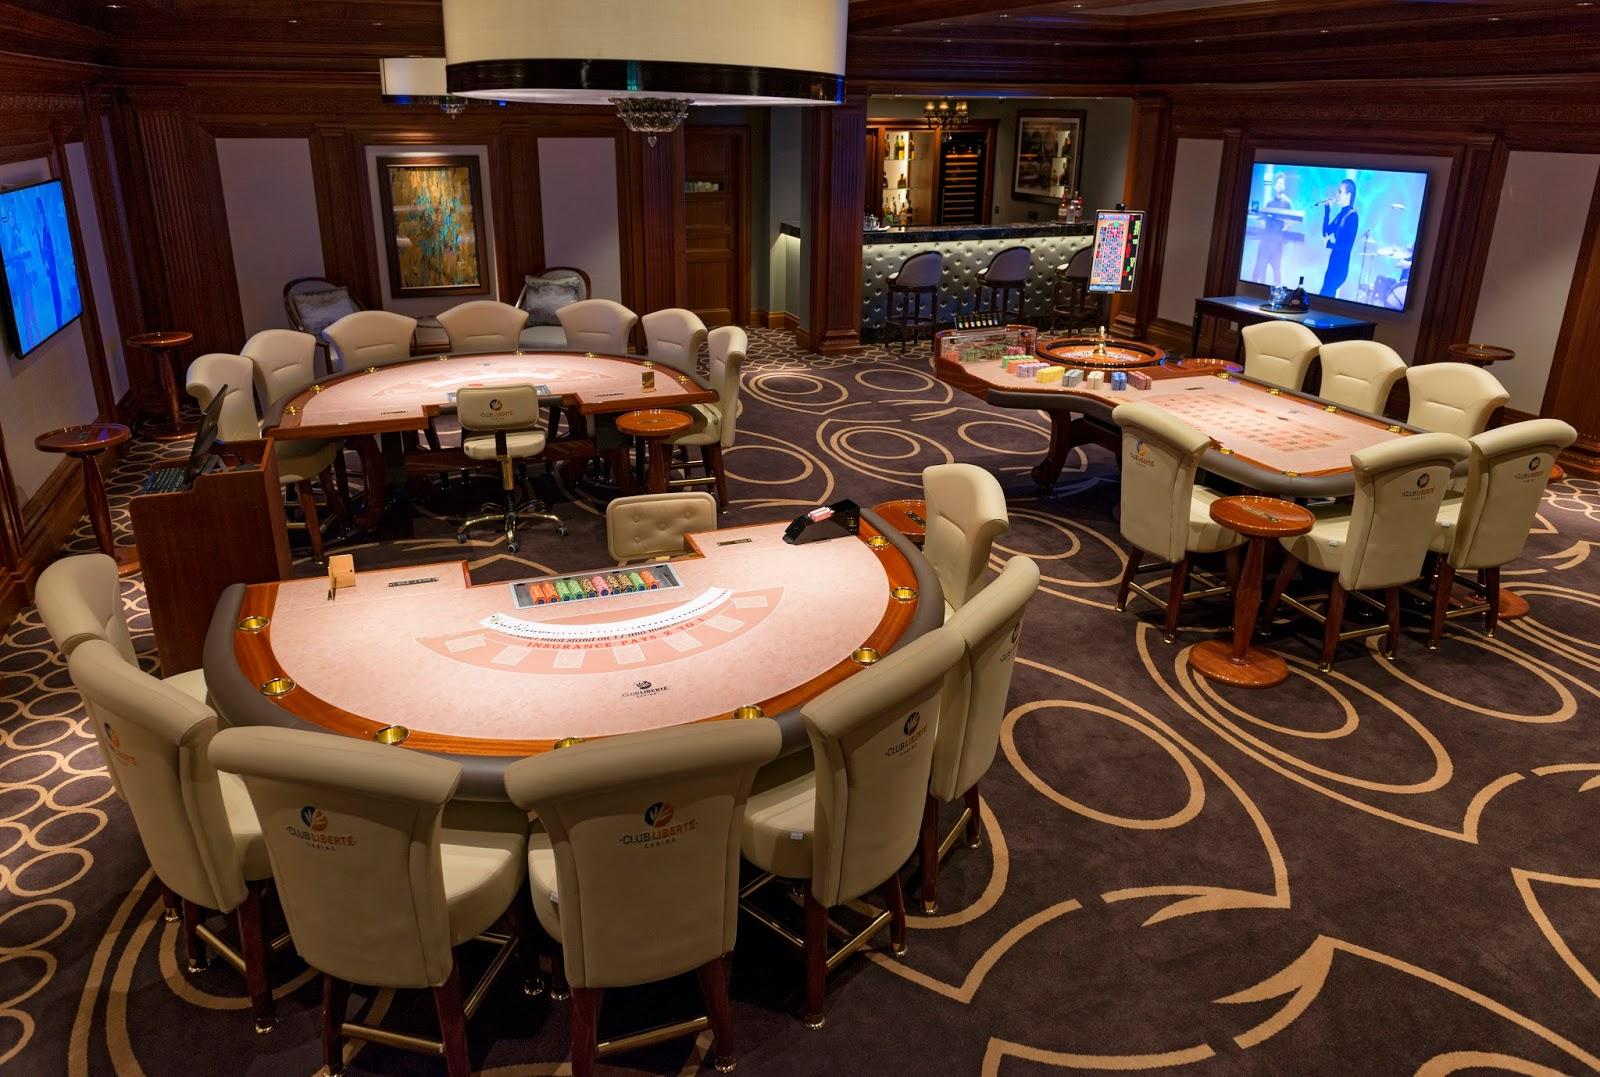 Войди в казино Вулкан, чтобы сыграть в лучшие игровые автоматы